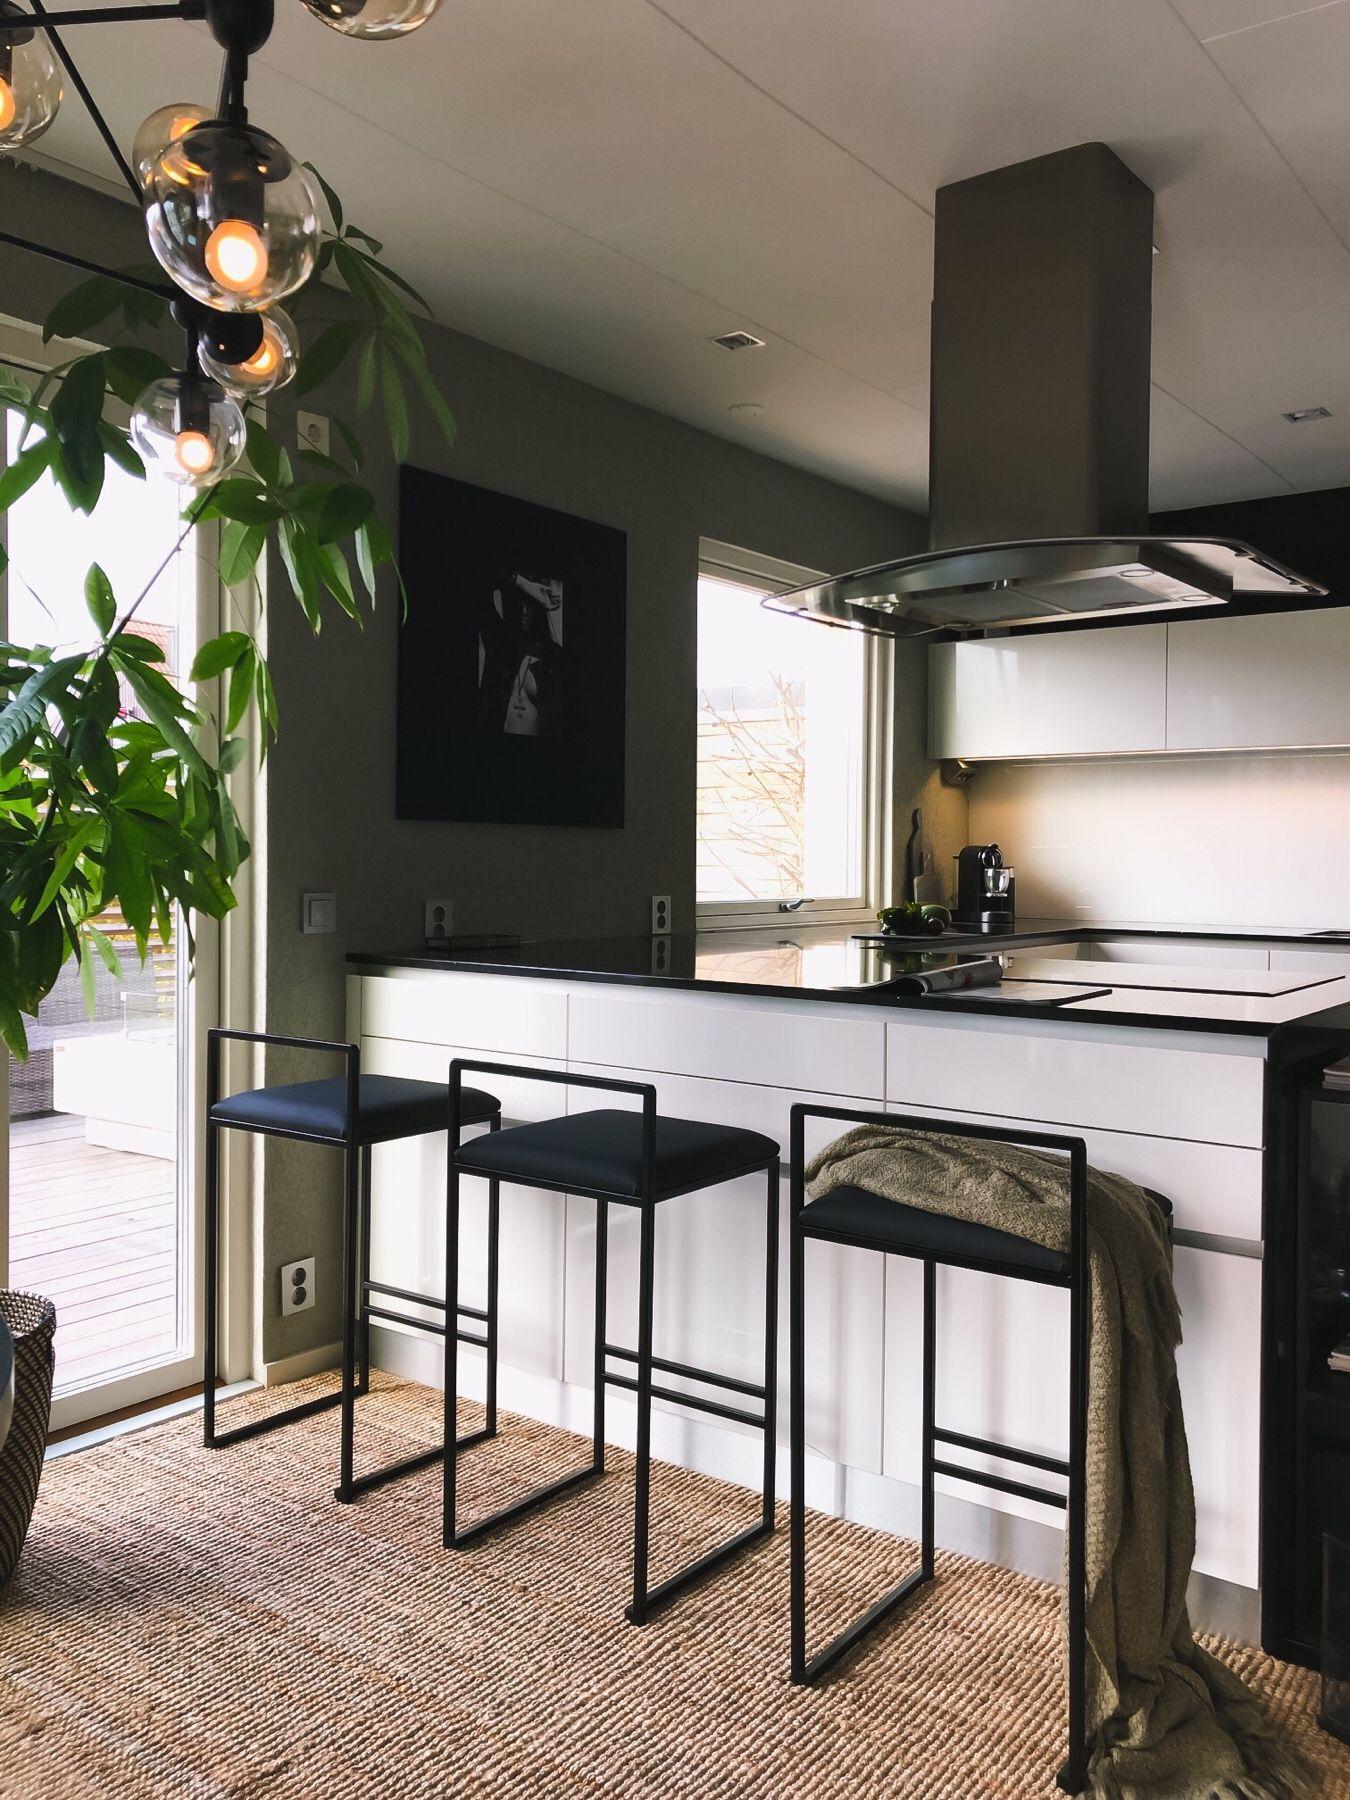 Produkter Gulled | Barstol, Barstolar kök, Kök